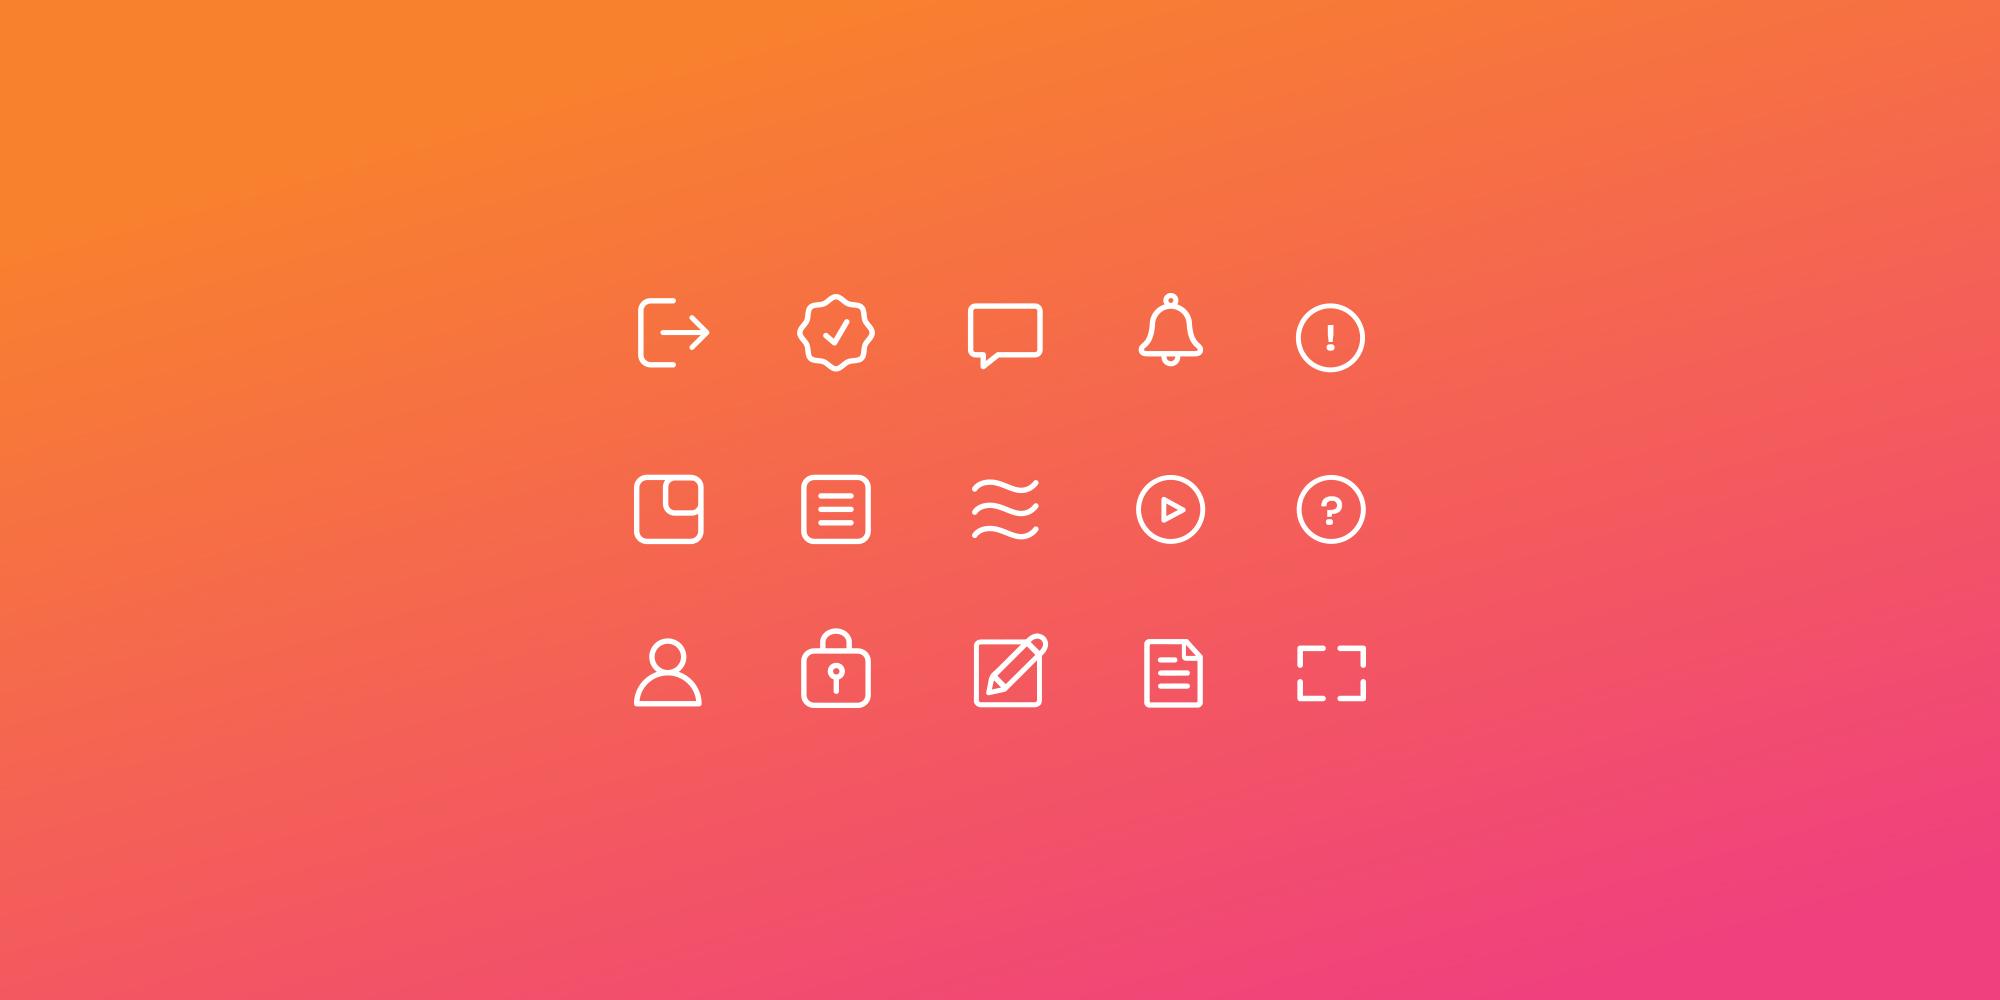 WorkWise_Icons_JulieEckert_Design_It'sSuper.jpg